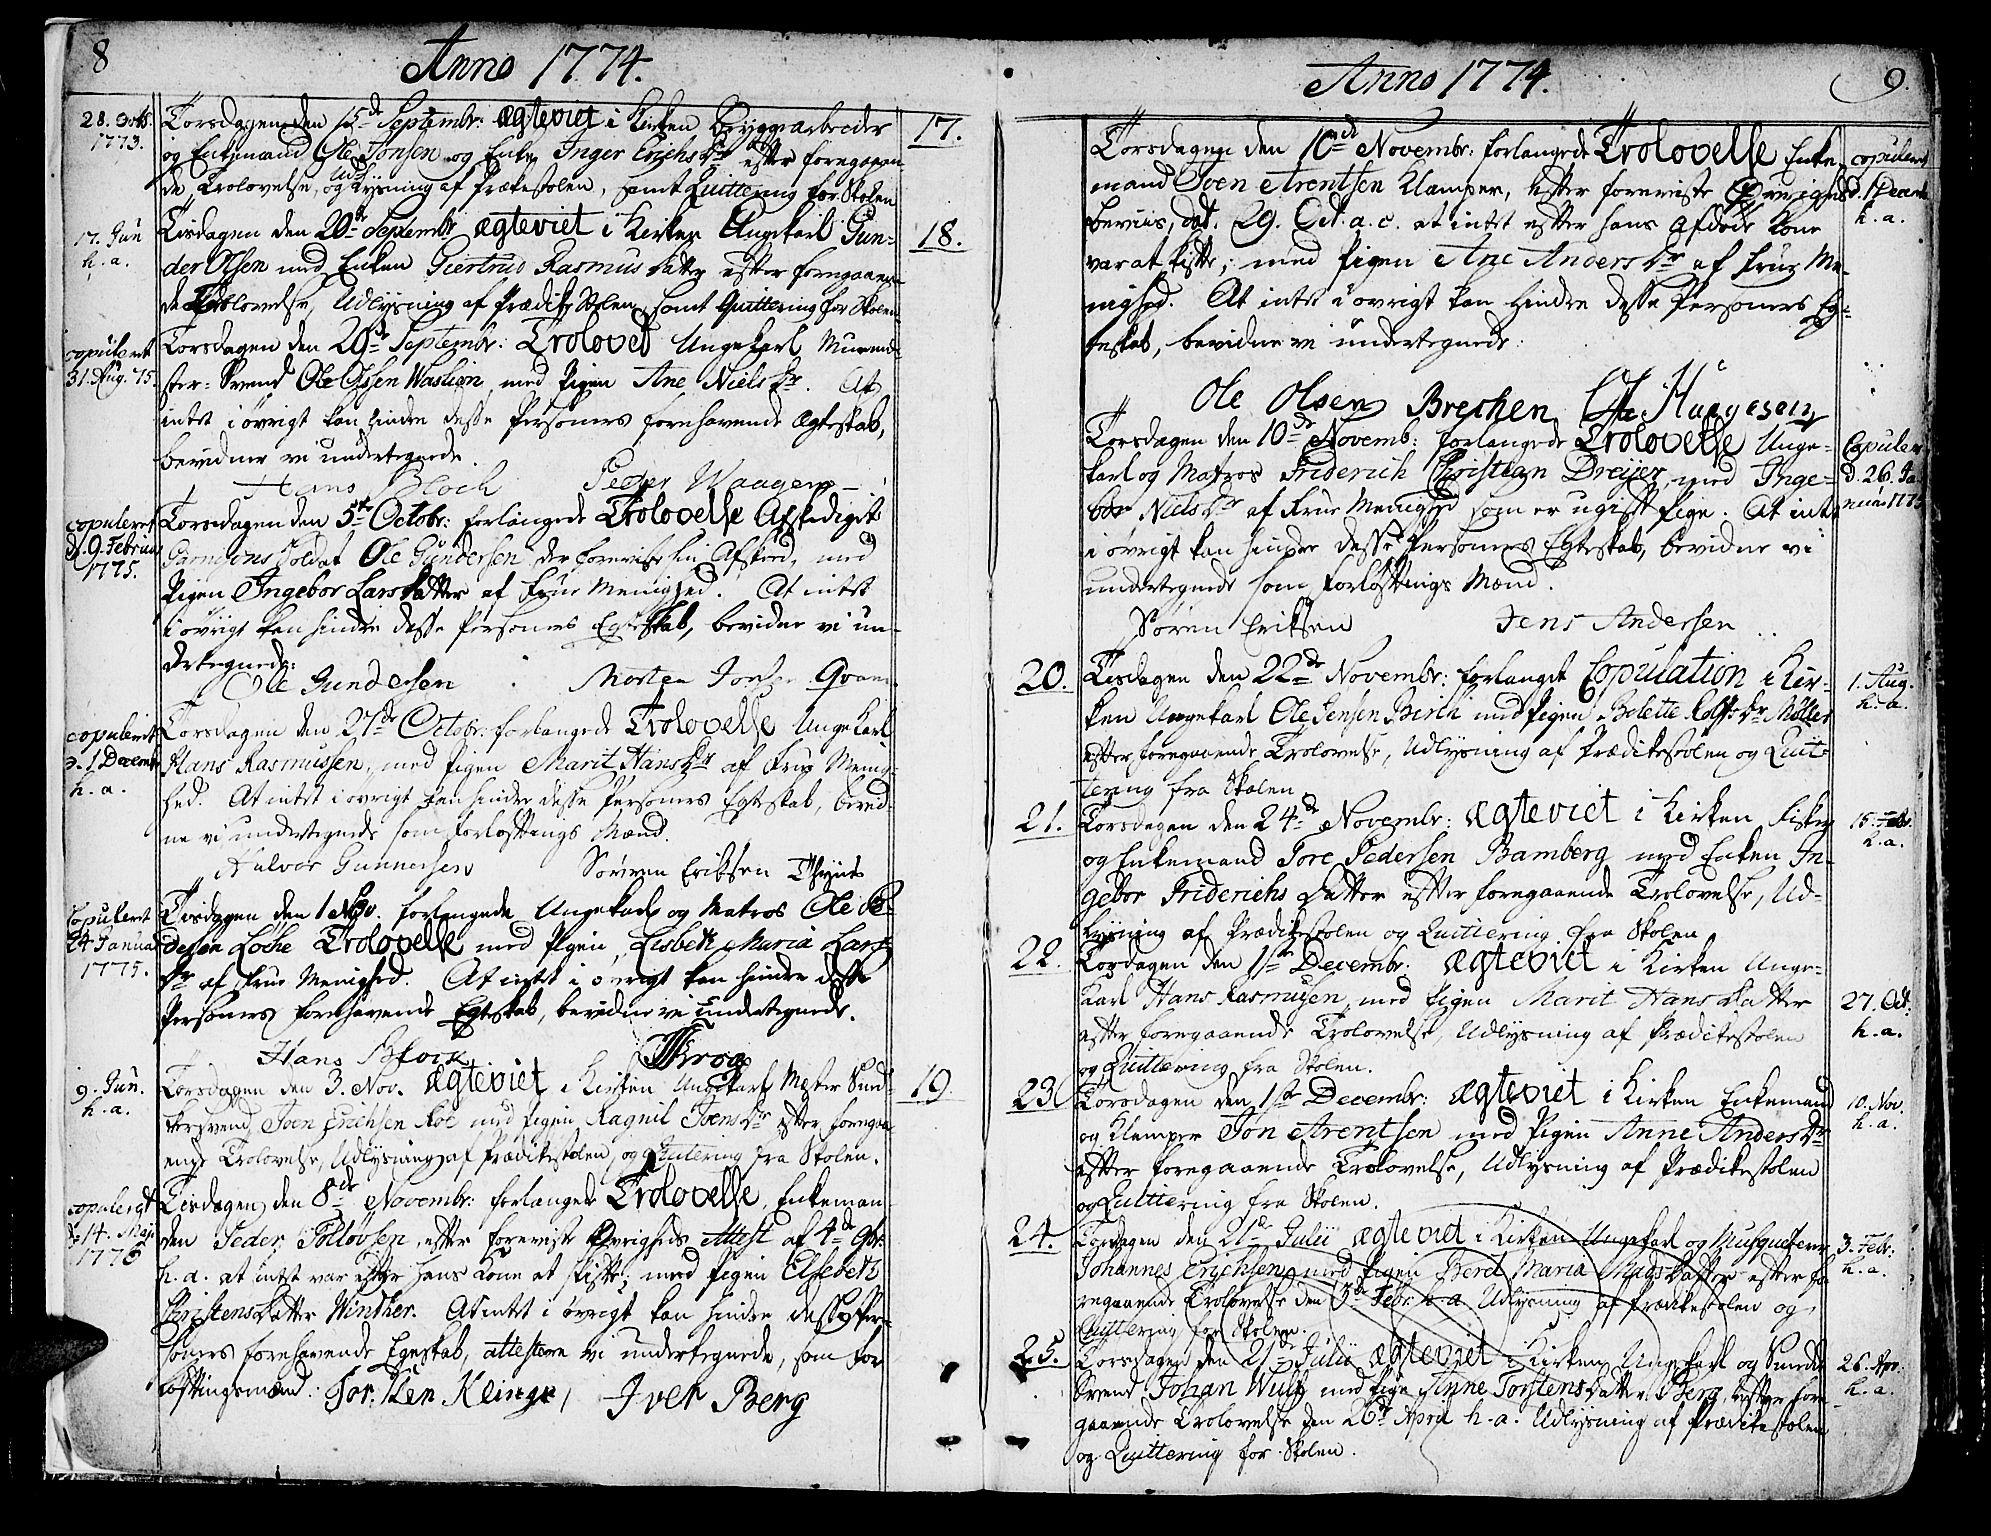 SAT, Ministerialprotokoller, klokkerbøker og fødselsregistre - Sør-Trøndelag, 602/L0105: Ministerialbok nr. 602A03, 1774-1814, s. 8-9